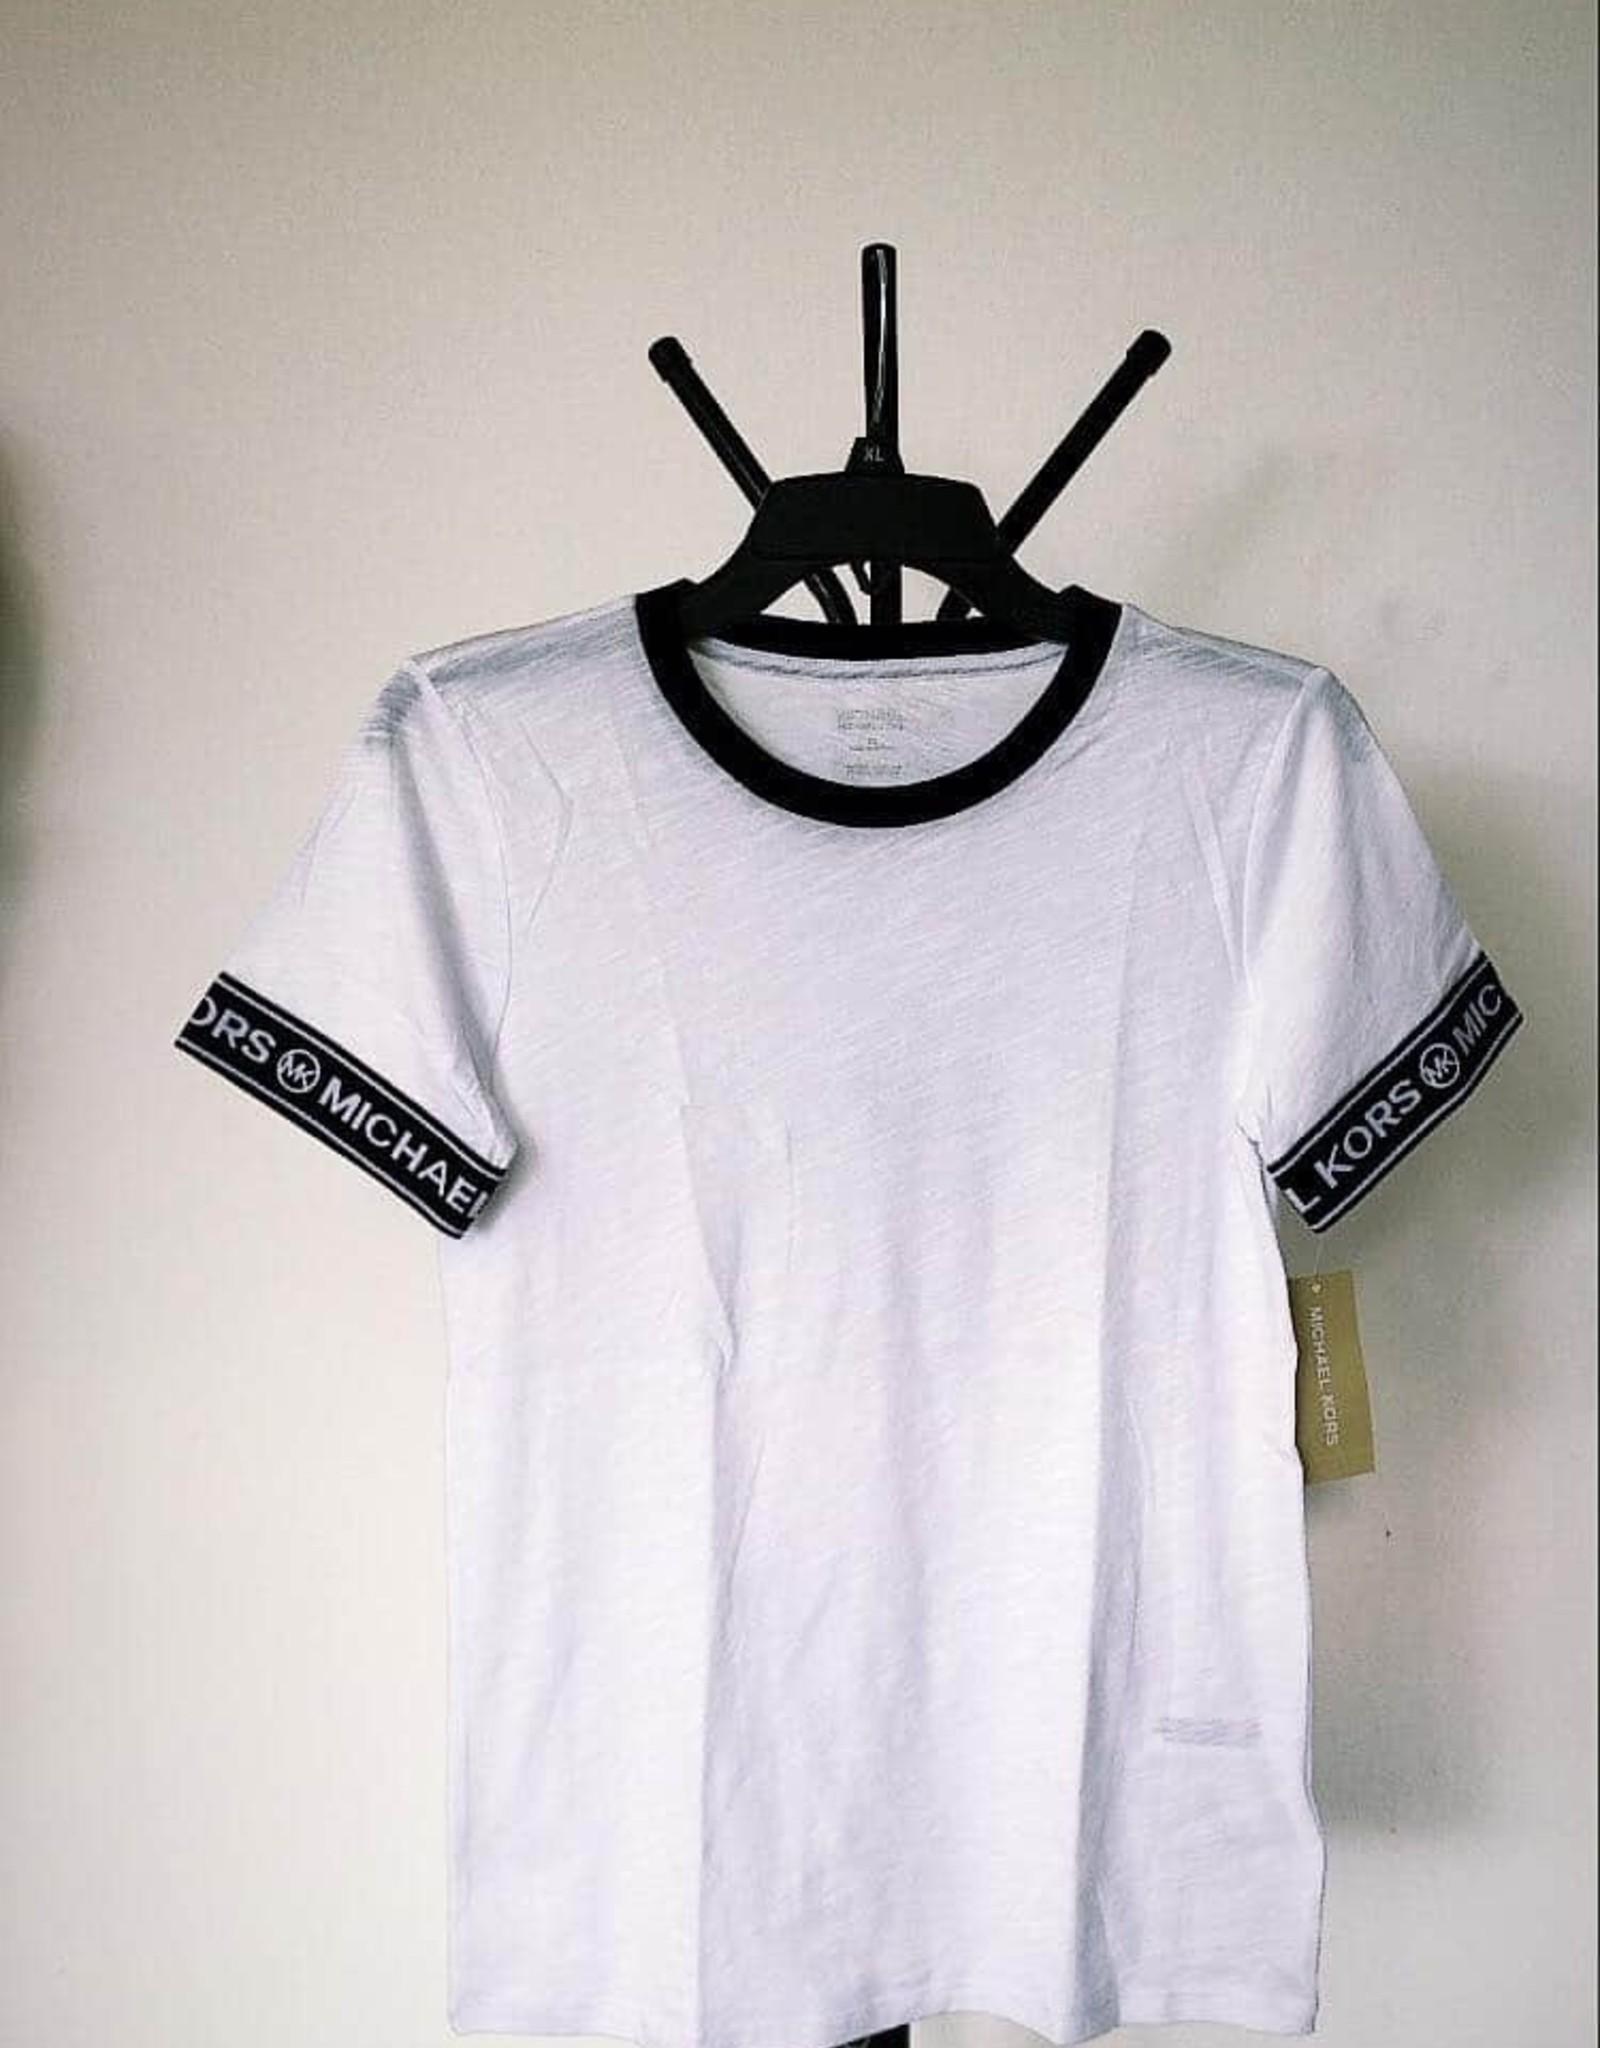 Michael Kors Michael Kors T-Shirt Fashion Basics